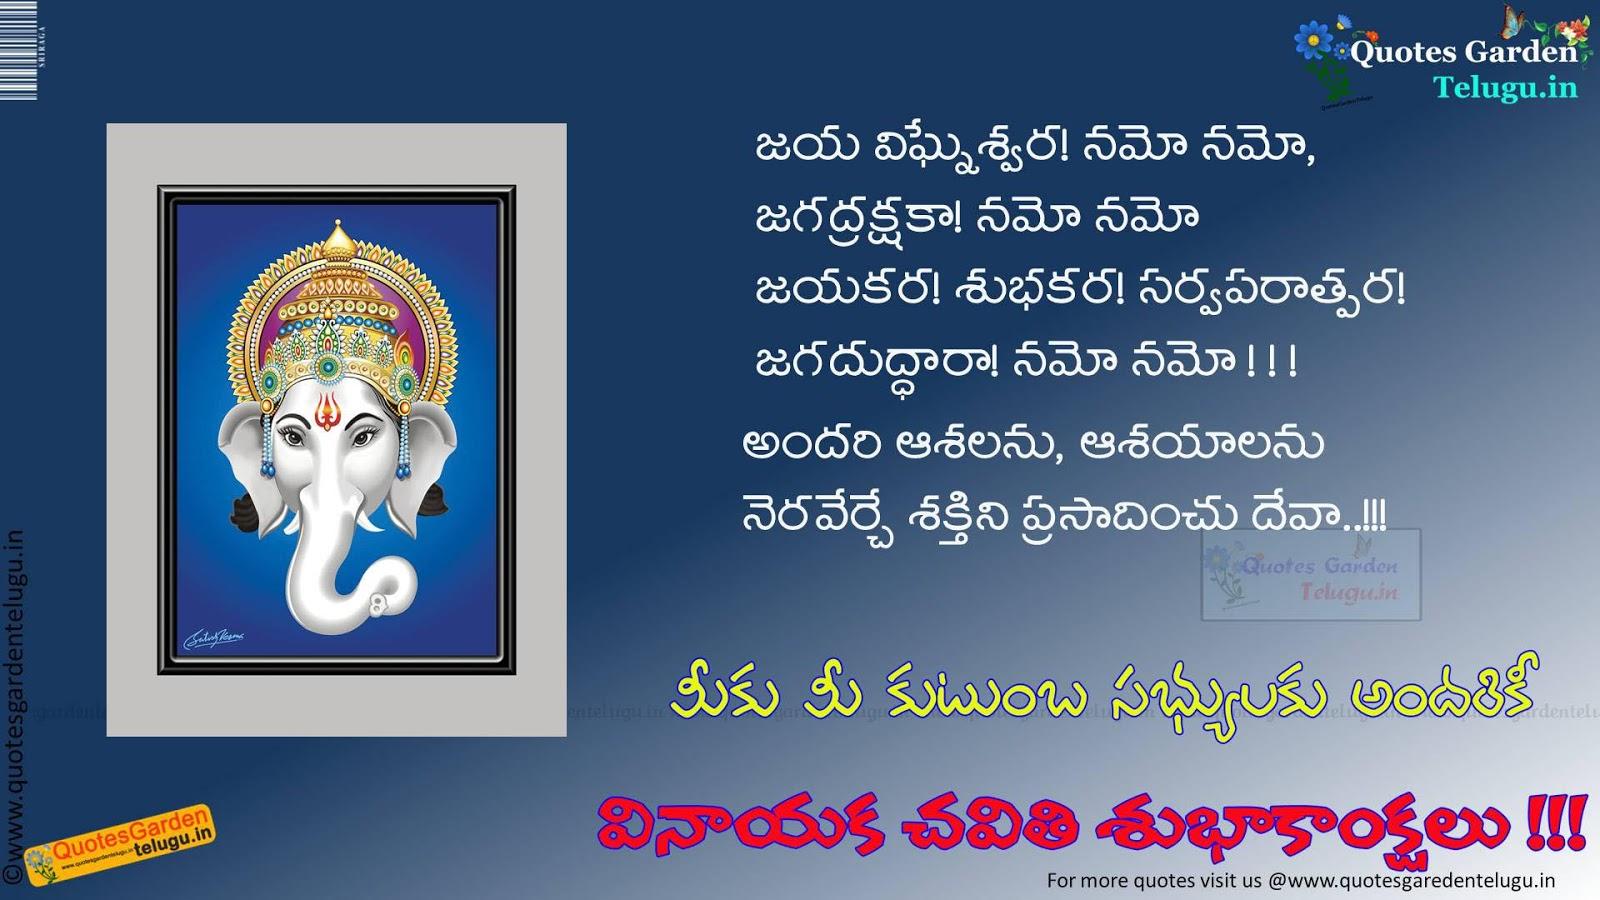 Ganesha Chaturthi Telugu Quotes Quotes Garden Telugu